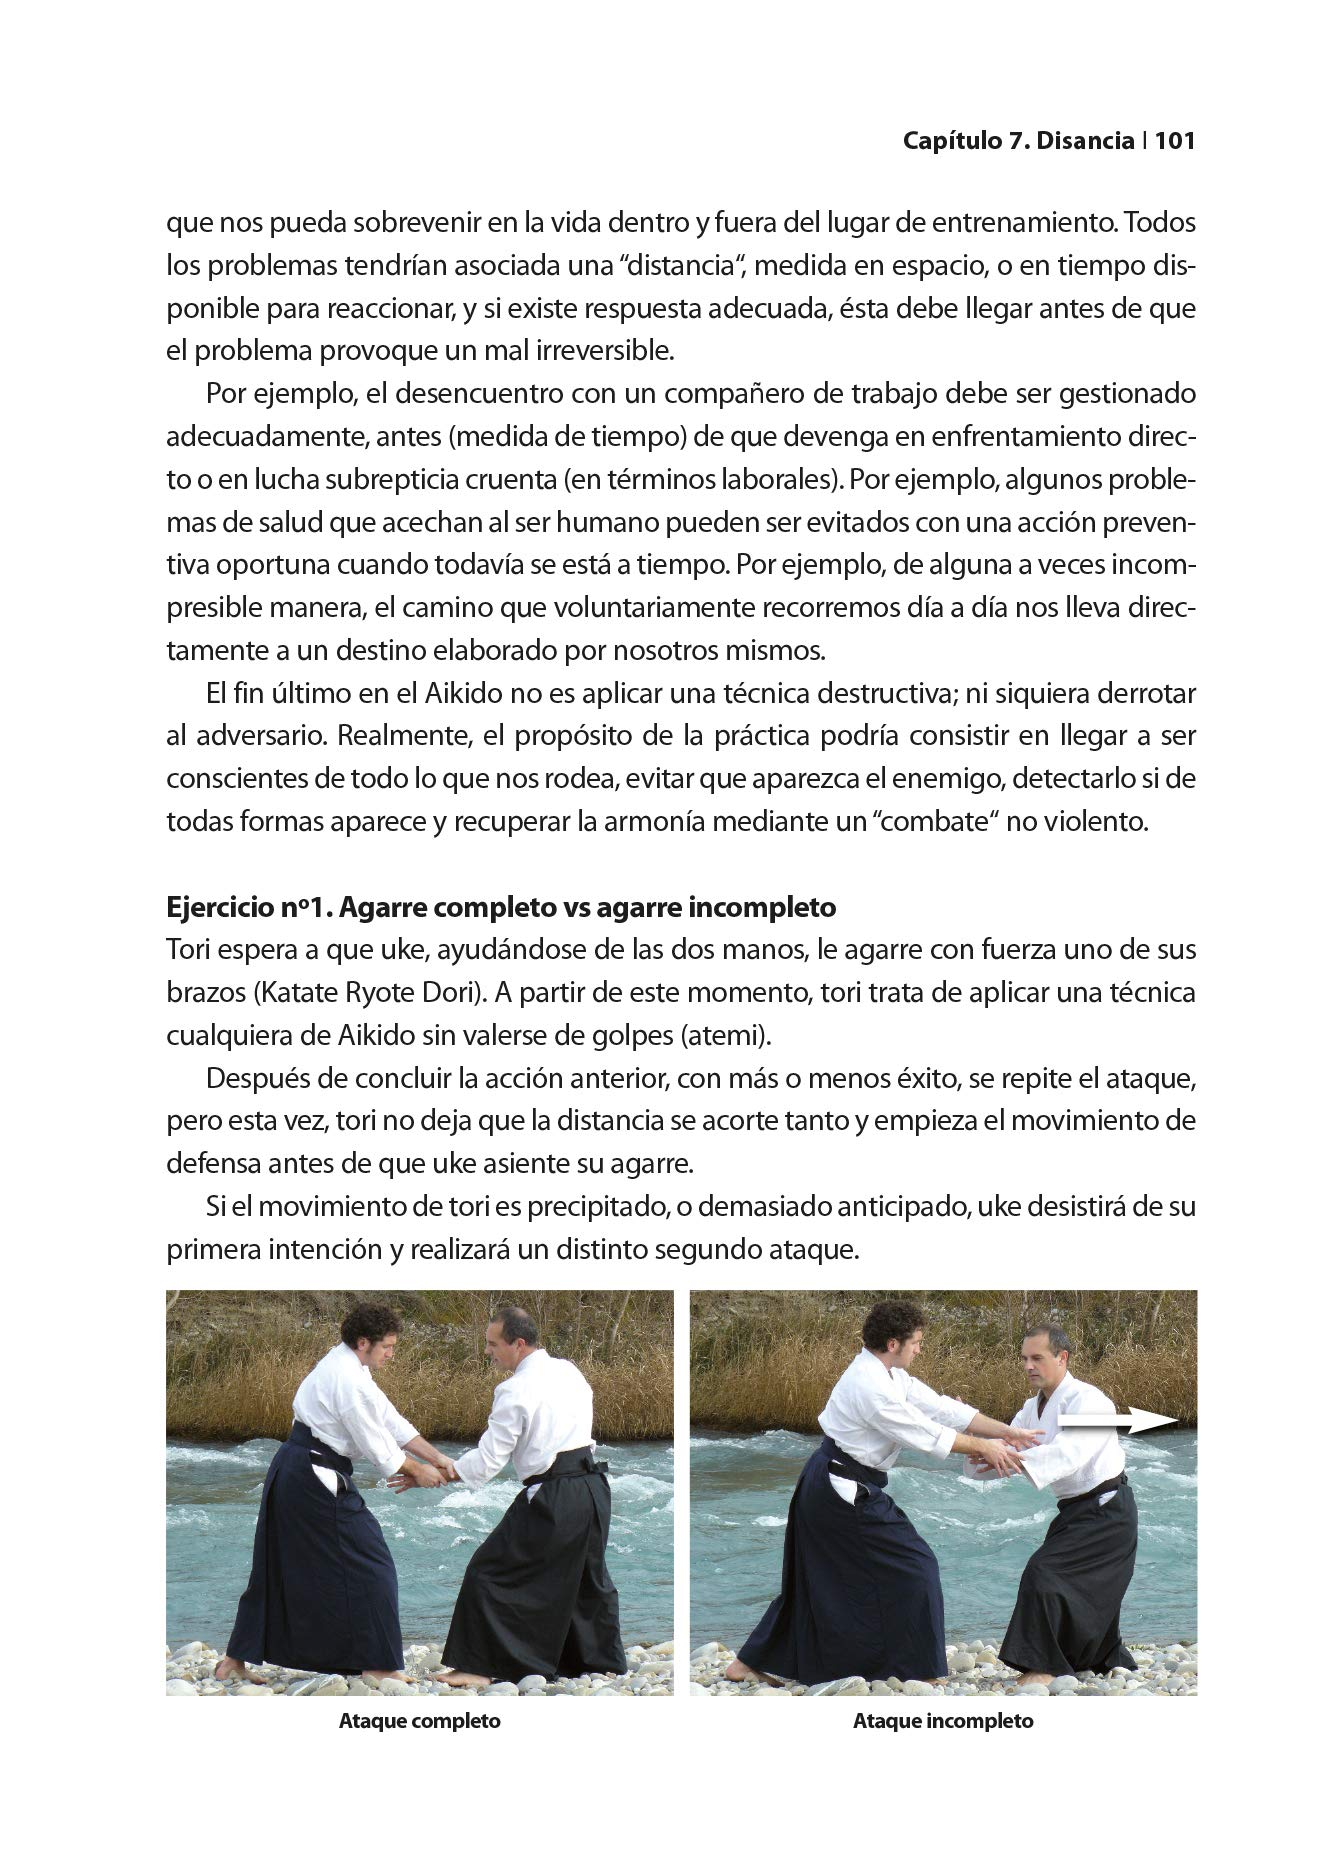 Aikido y ciencia: MIGUEL / LABODÍA, DAVID LABODÍA: 9788420305394: Amazon.com: Books